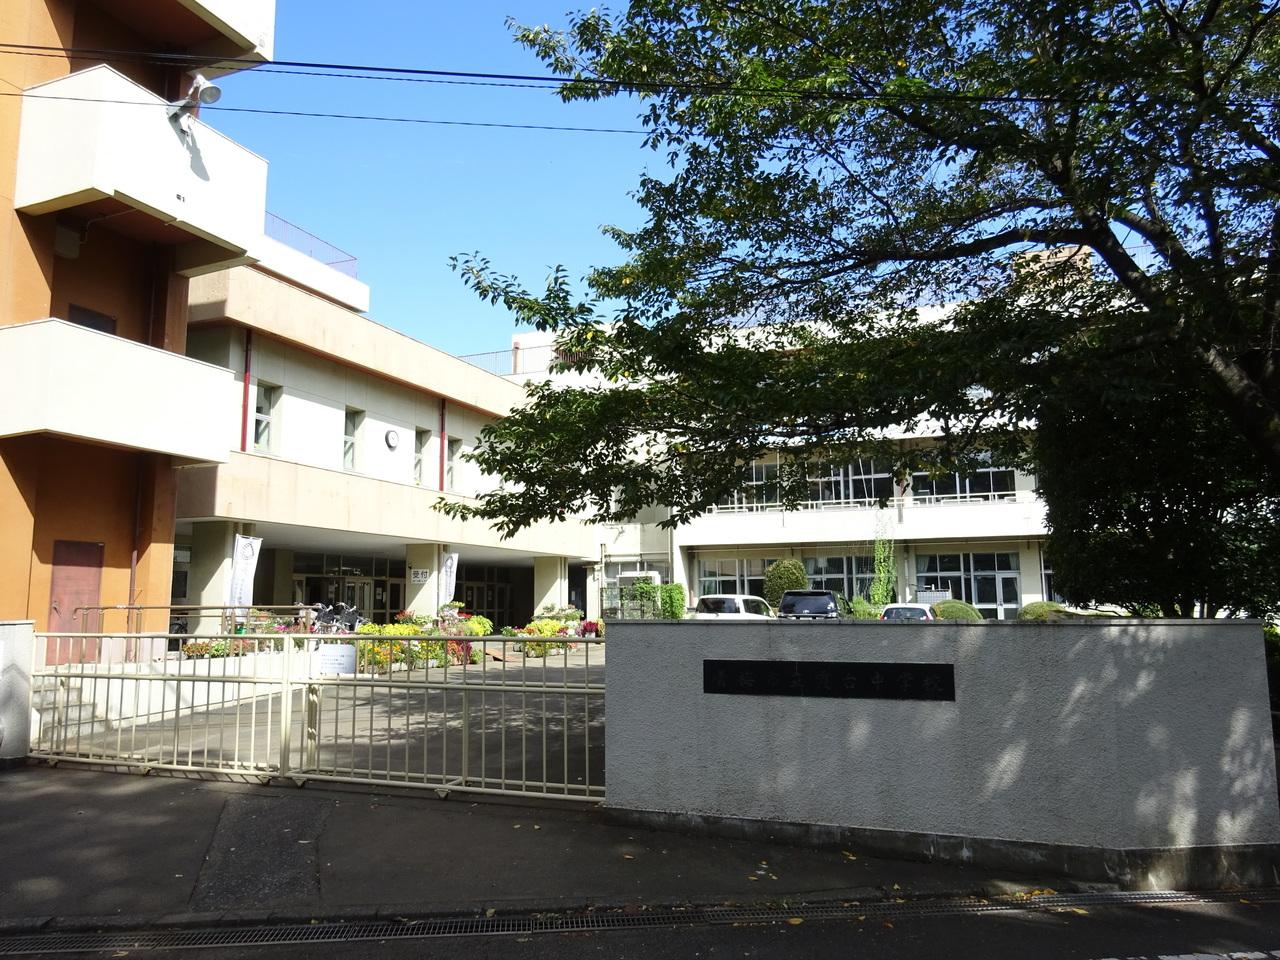 【中学校】青梅市立霞台中学校より徒歩約6分(約450m)